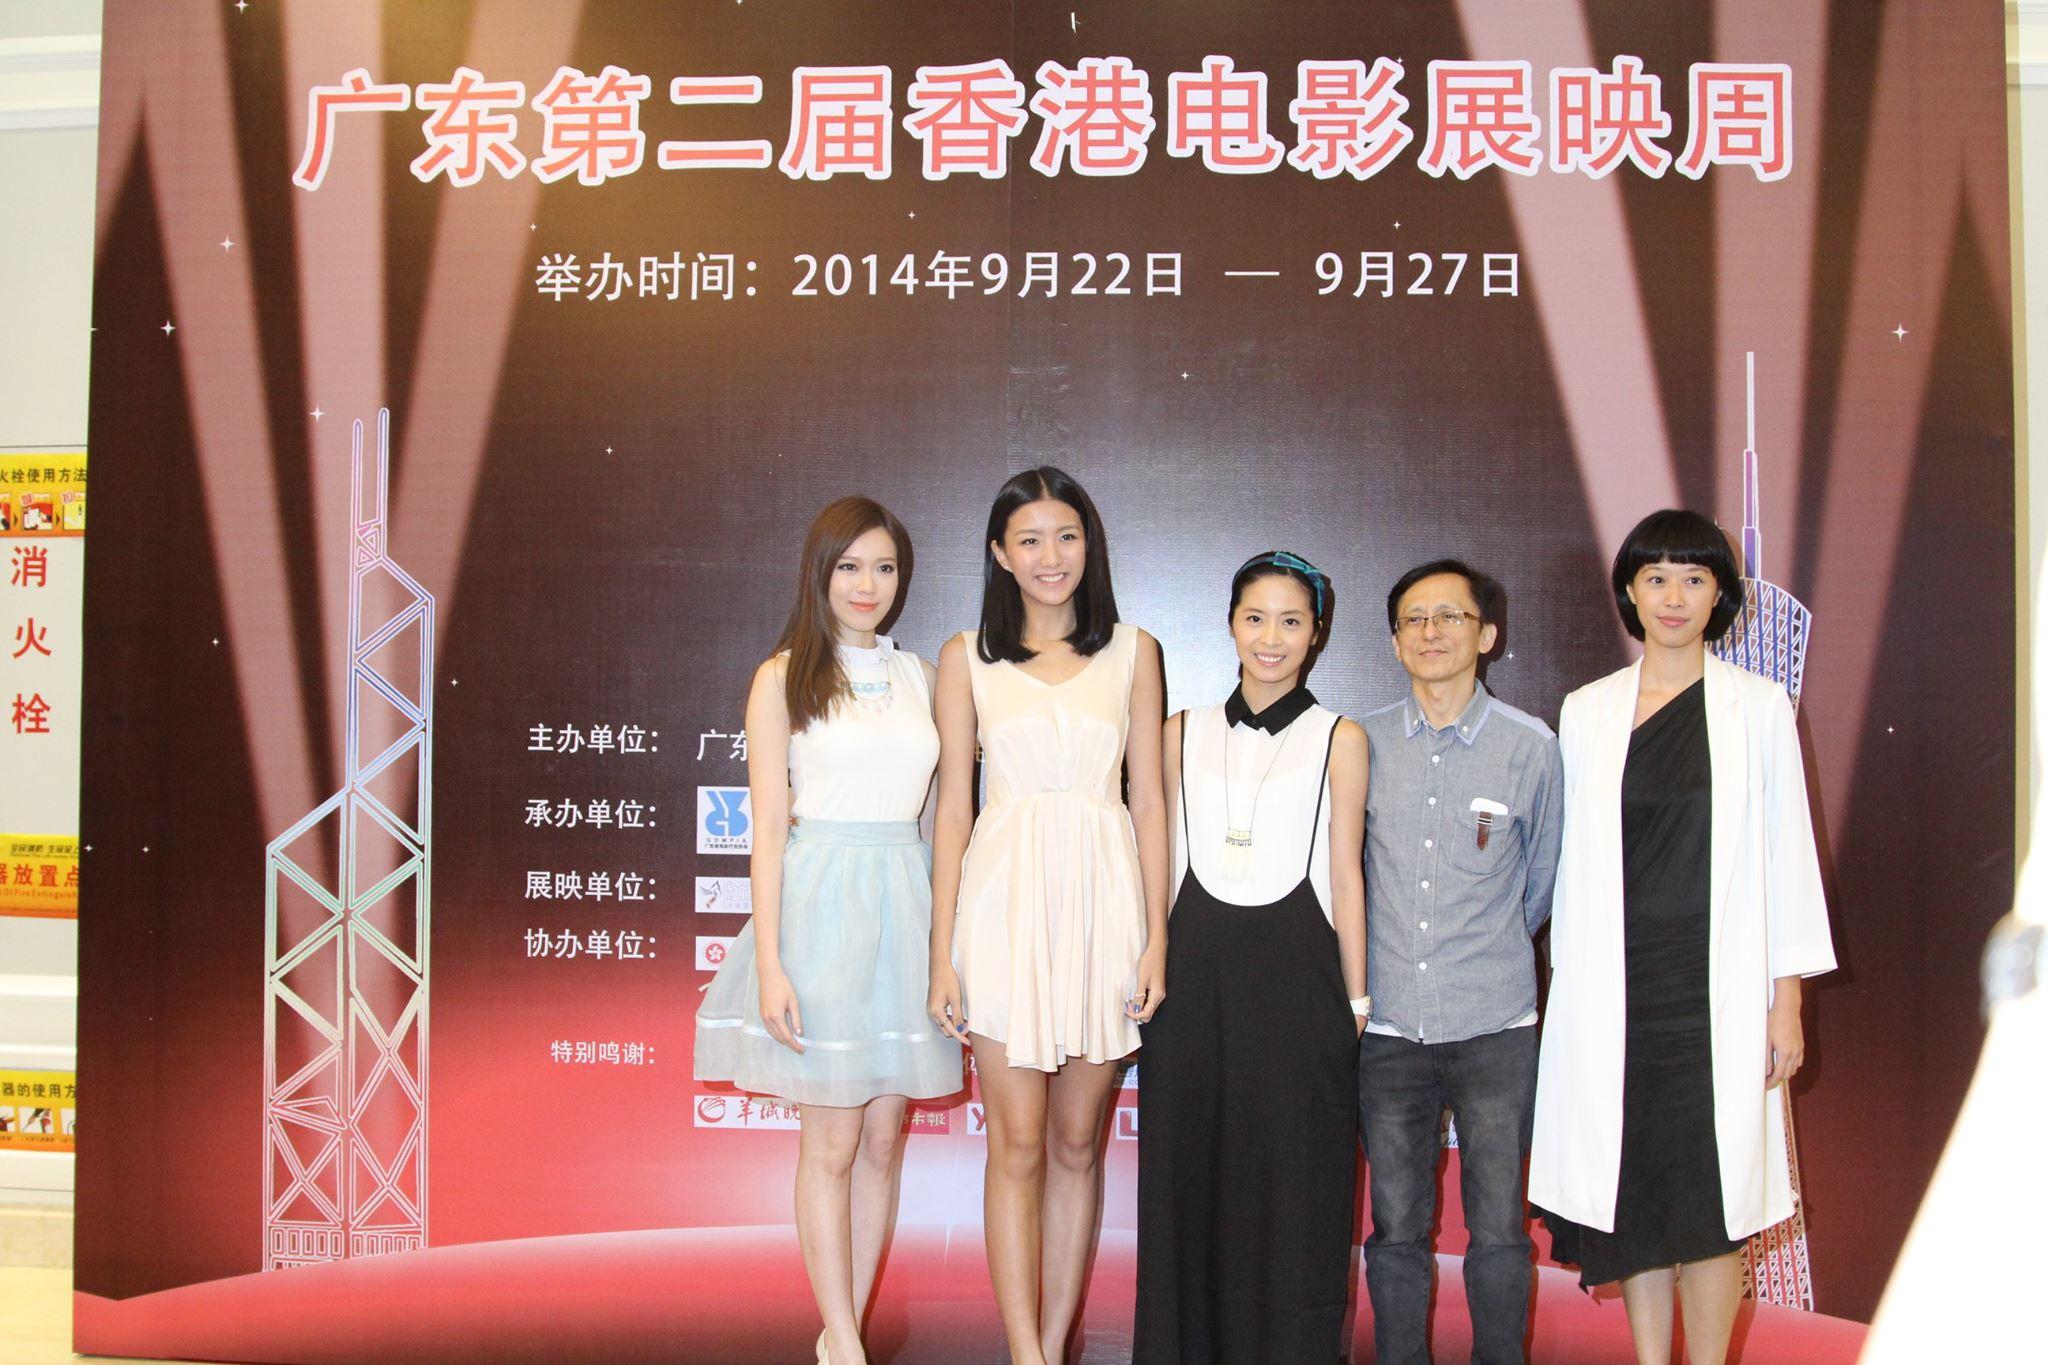 《販賣.愛》入選「廣東第二屆香港電影展映周」